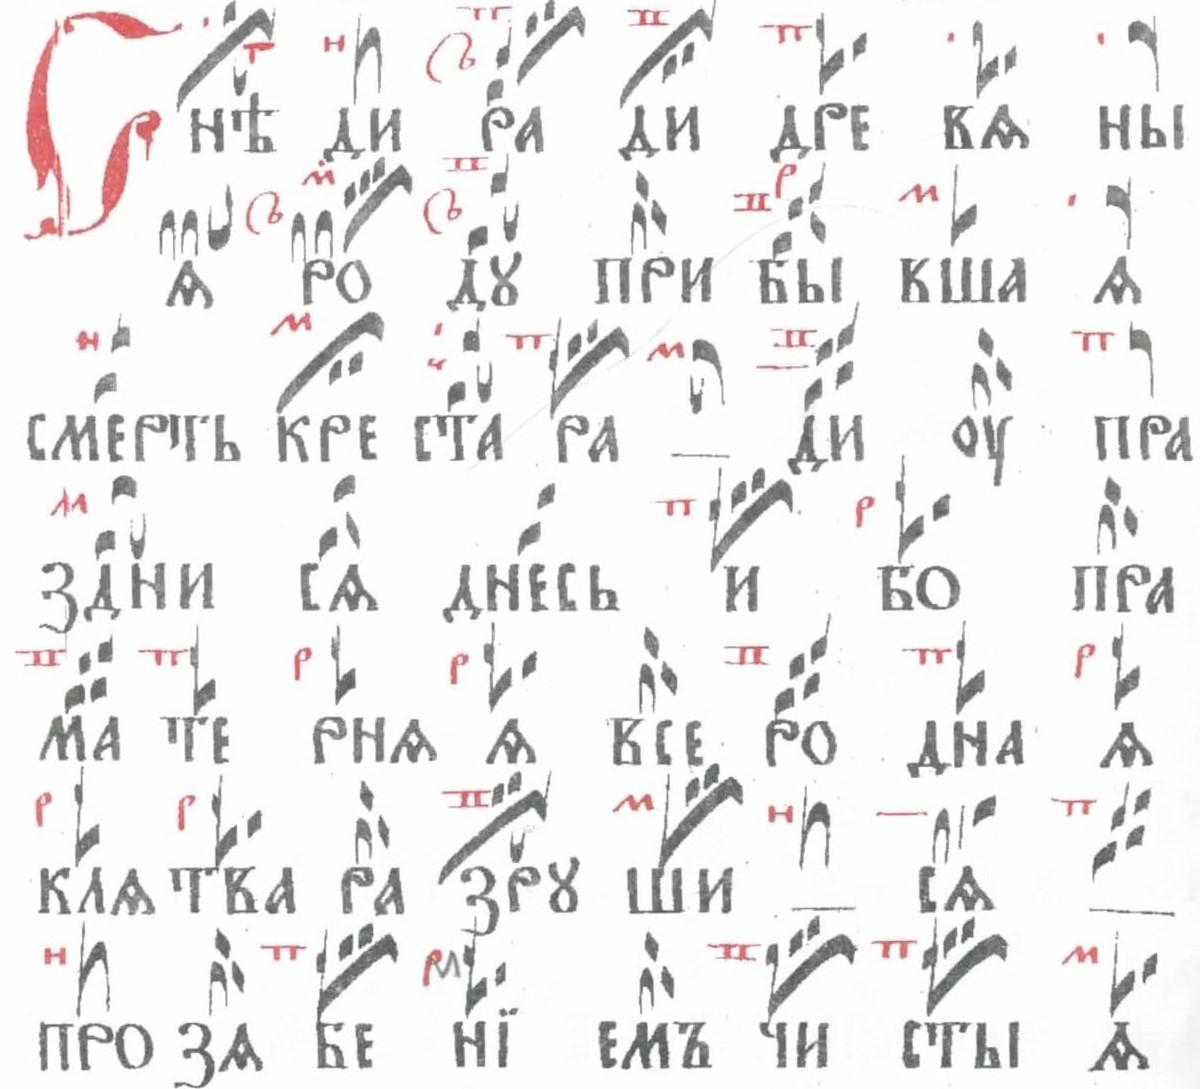 irmos-vozdvizheniyu-9-pesn-2